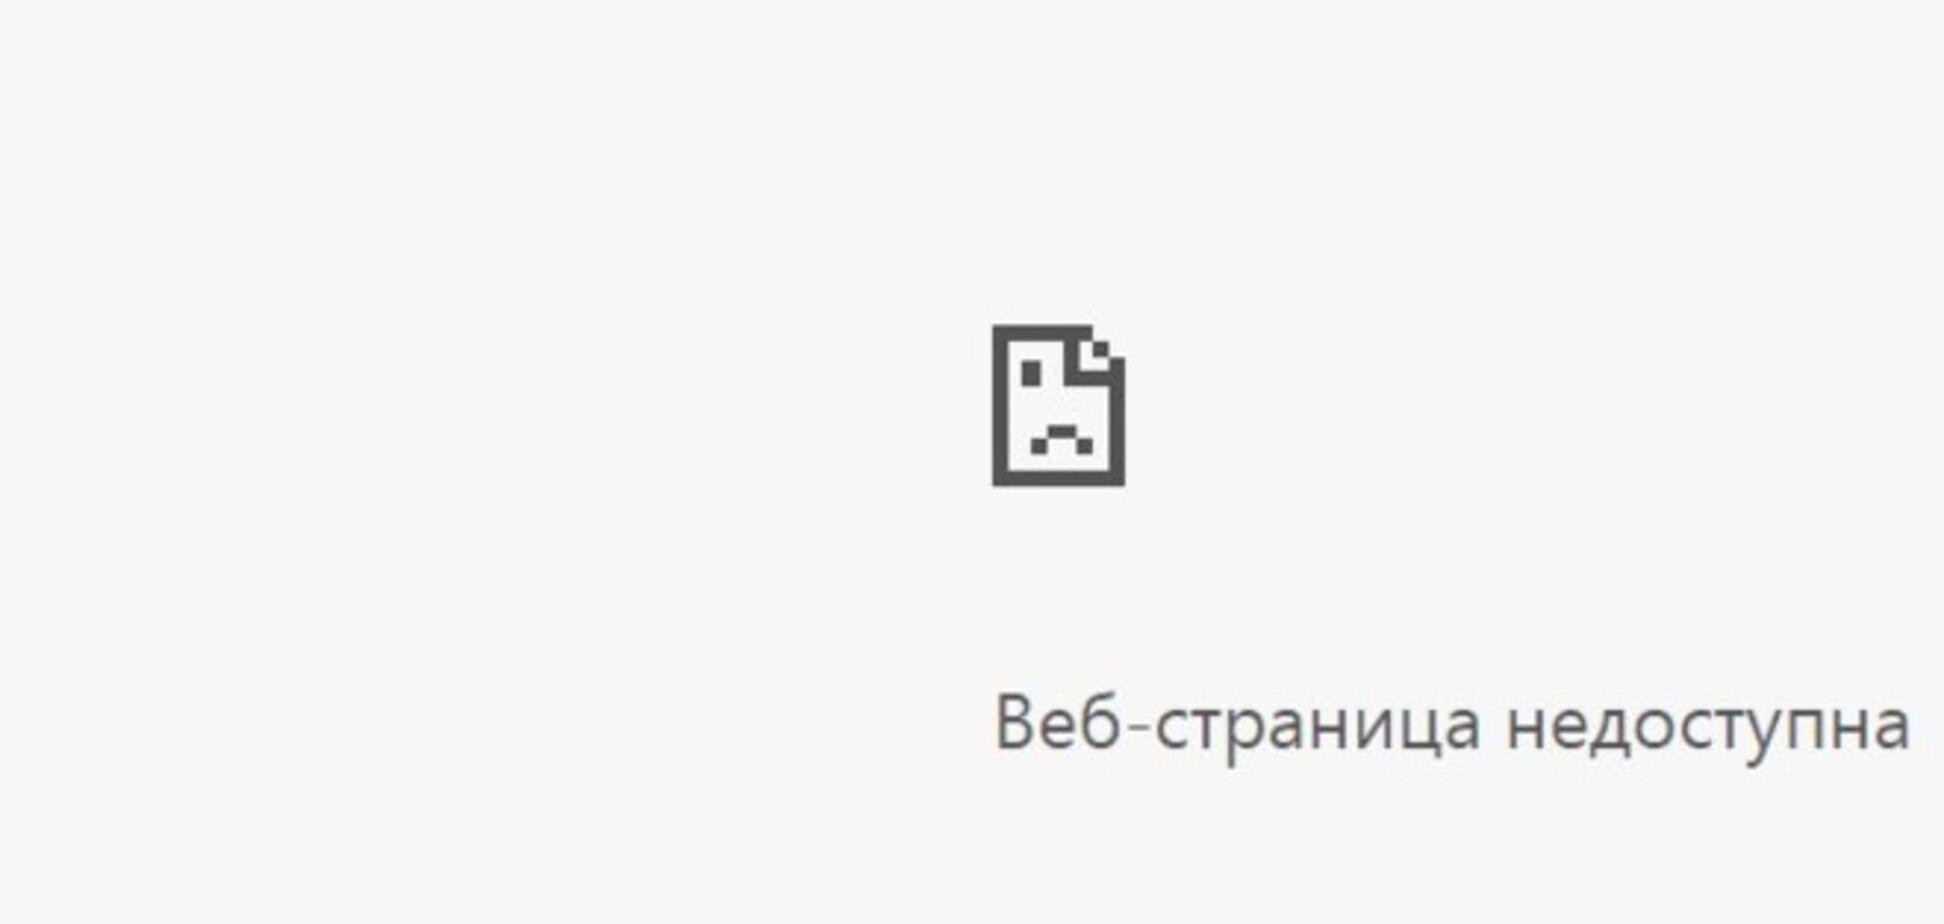 Сайти прес-служб 'ЛНР' і 'ДНР' припинили своє існування